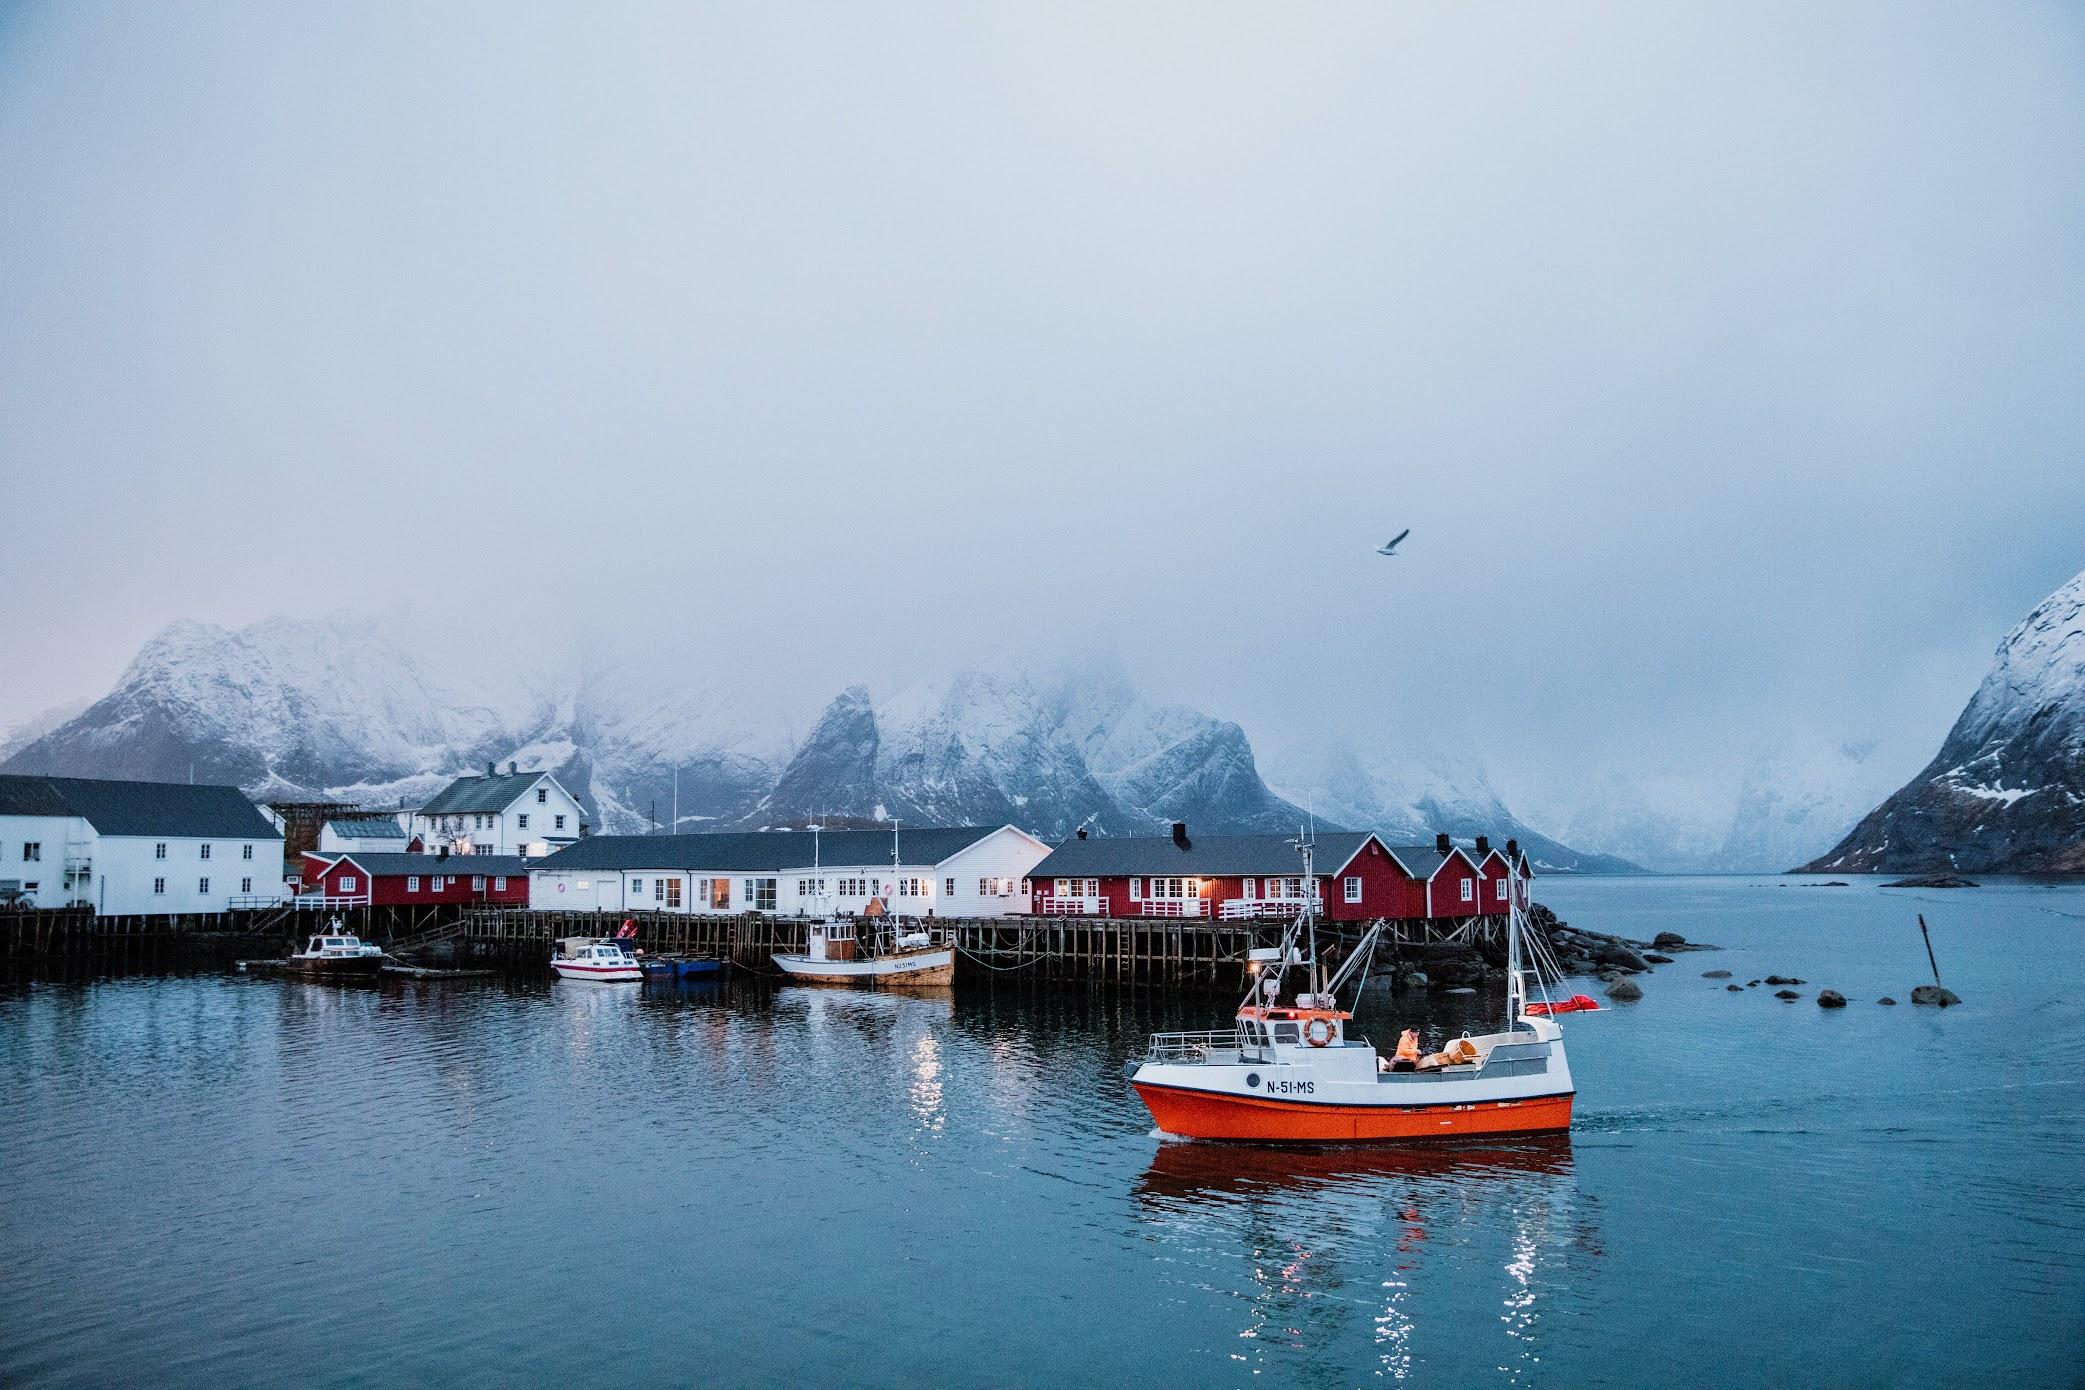 挪威旅拍婚紗 / 挪威 便服 婚紗 / 美式婚紗婚禮 / 海外旅拍婚紗, 去年冬季,我們前往 挪威 ,替Jin & Christine 拍攝了這組 挪威旅拍 婚紗,極度寒冷的低溫下 , 兩人穿著 便服 , 搭配獨有 挪威 雪山美景,令人驚嘆。這是一次非常深刻的 海外旅拍婚紗 經驗,因日照時間相當短暫,我們也追著著僅有的微光, 拍攝AG獨有的 逐光 婚紗。